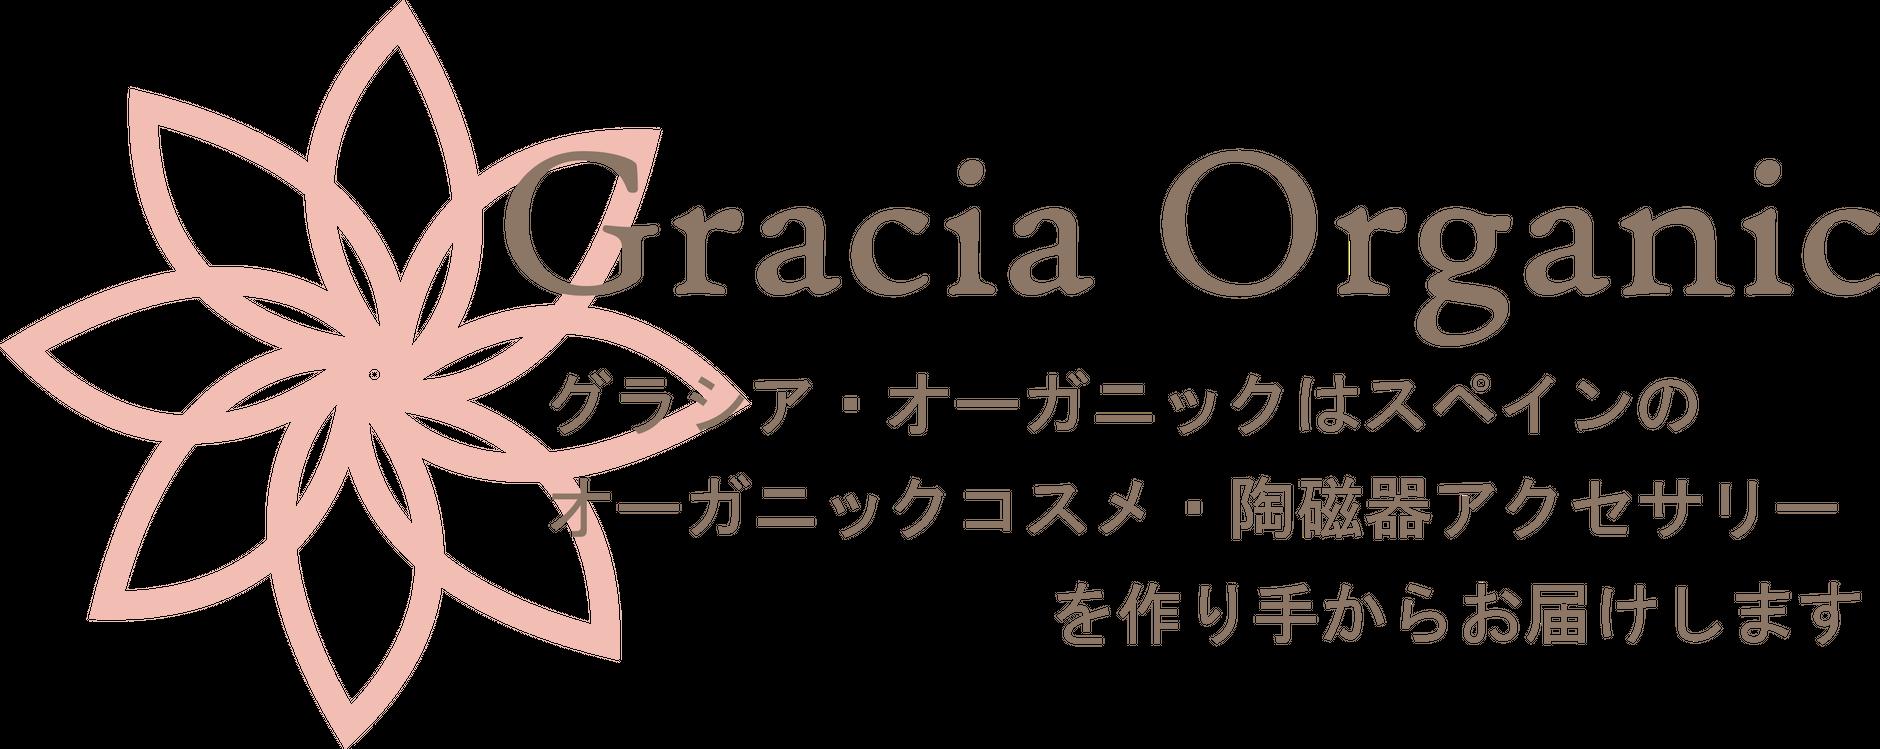 Gracia Organic